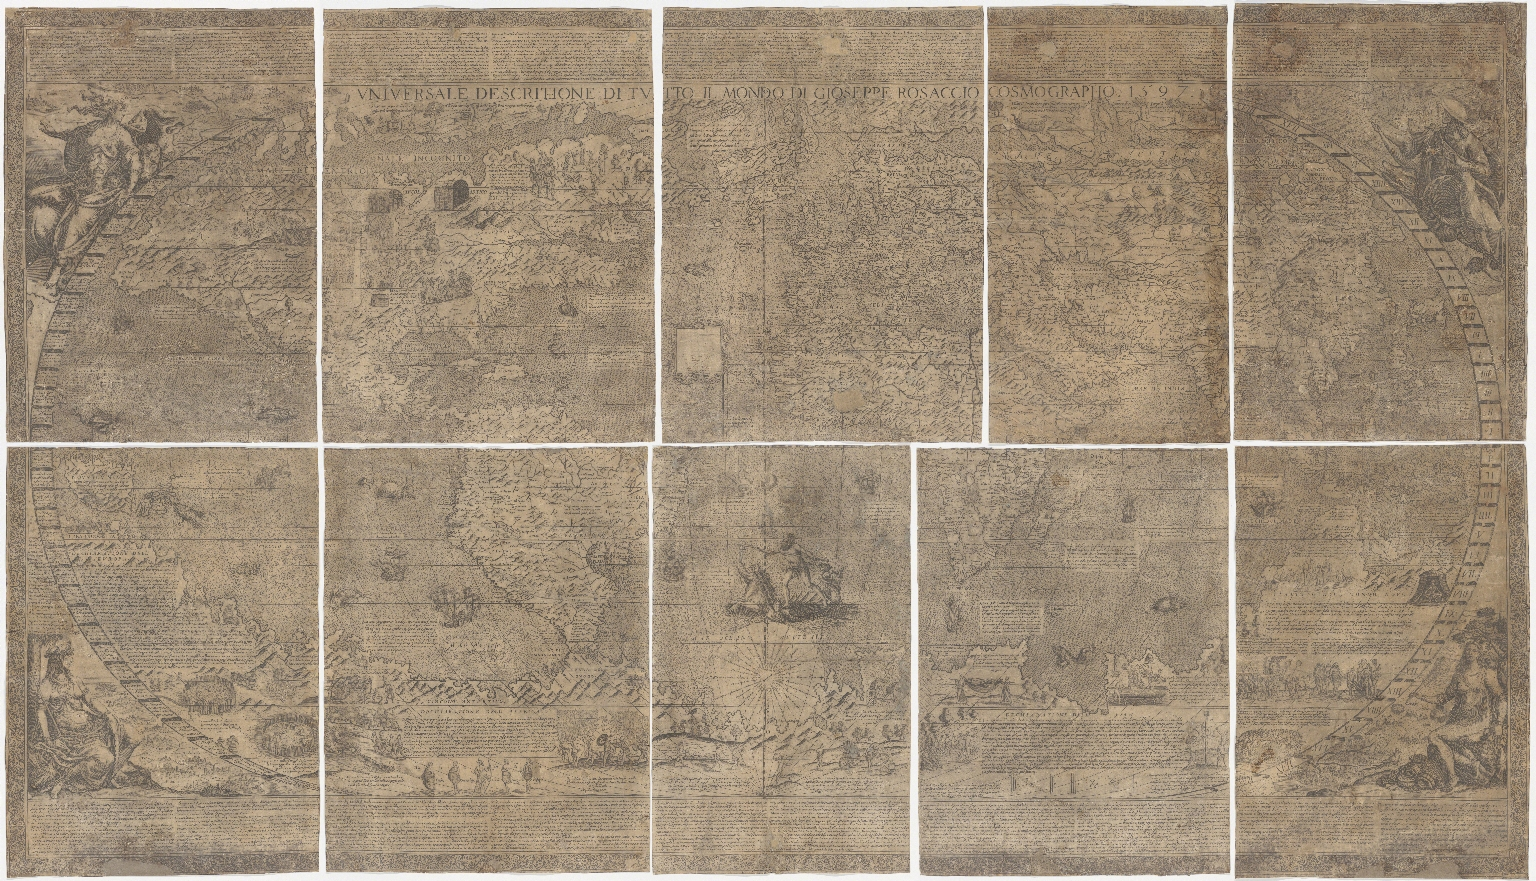 Universale descrittione di tutto il mondo di Gioseppe Rosaccio Cosmographo